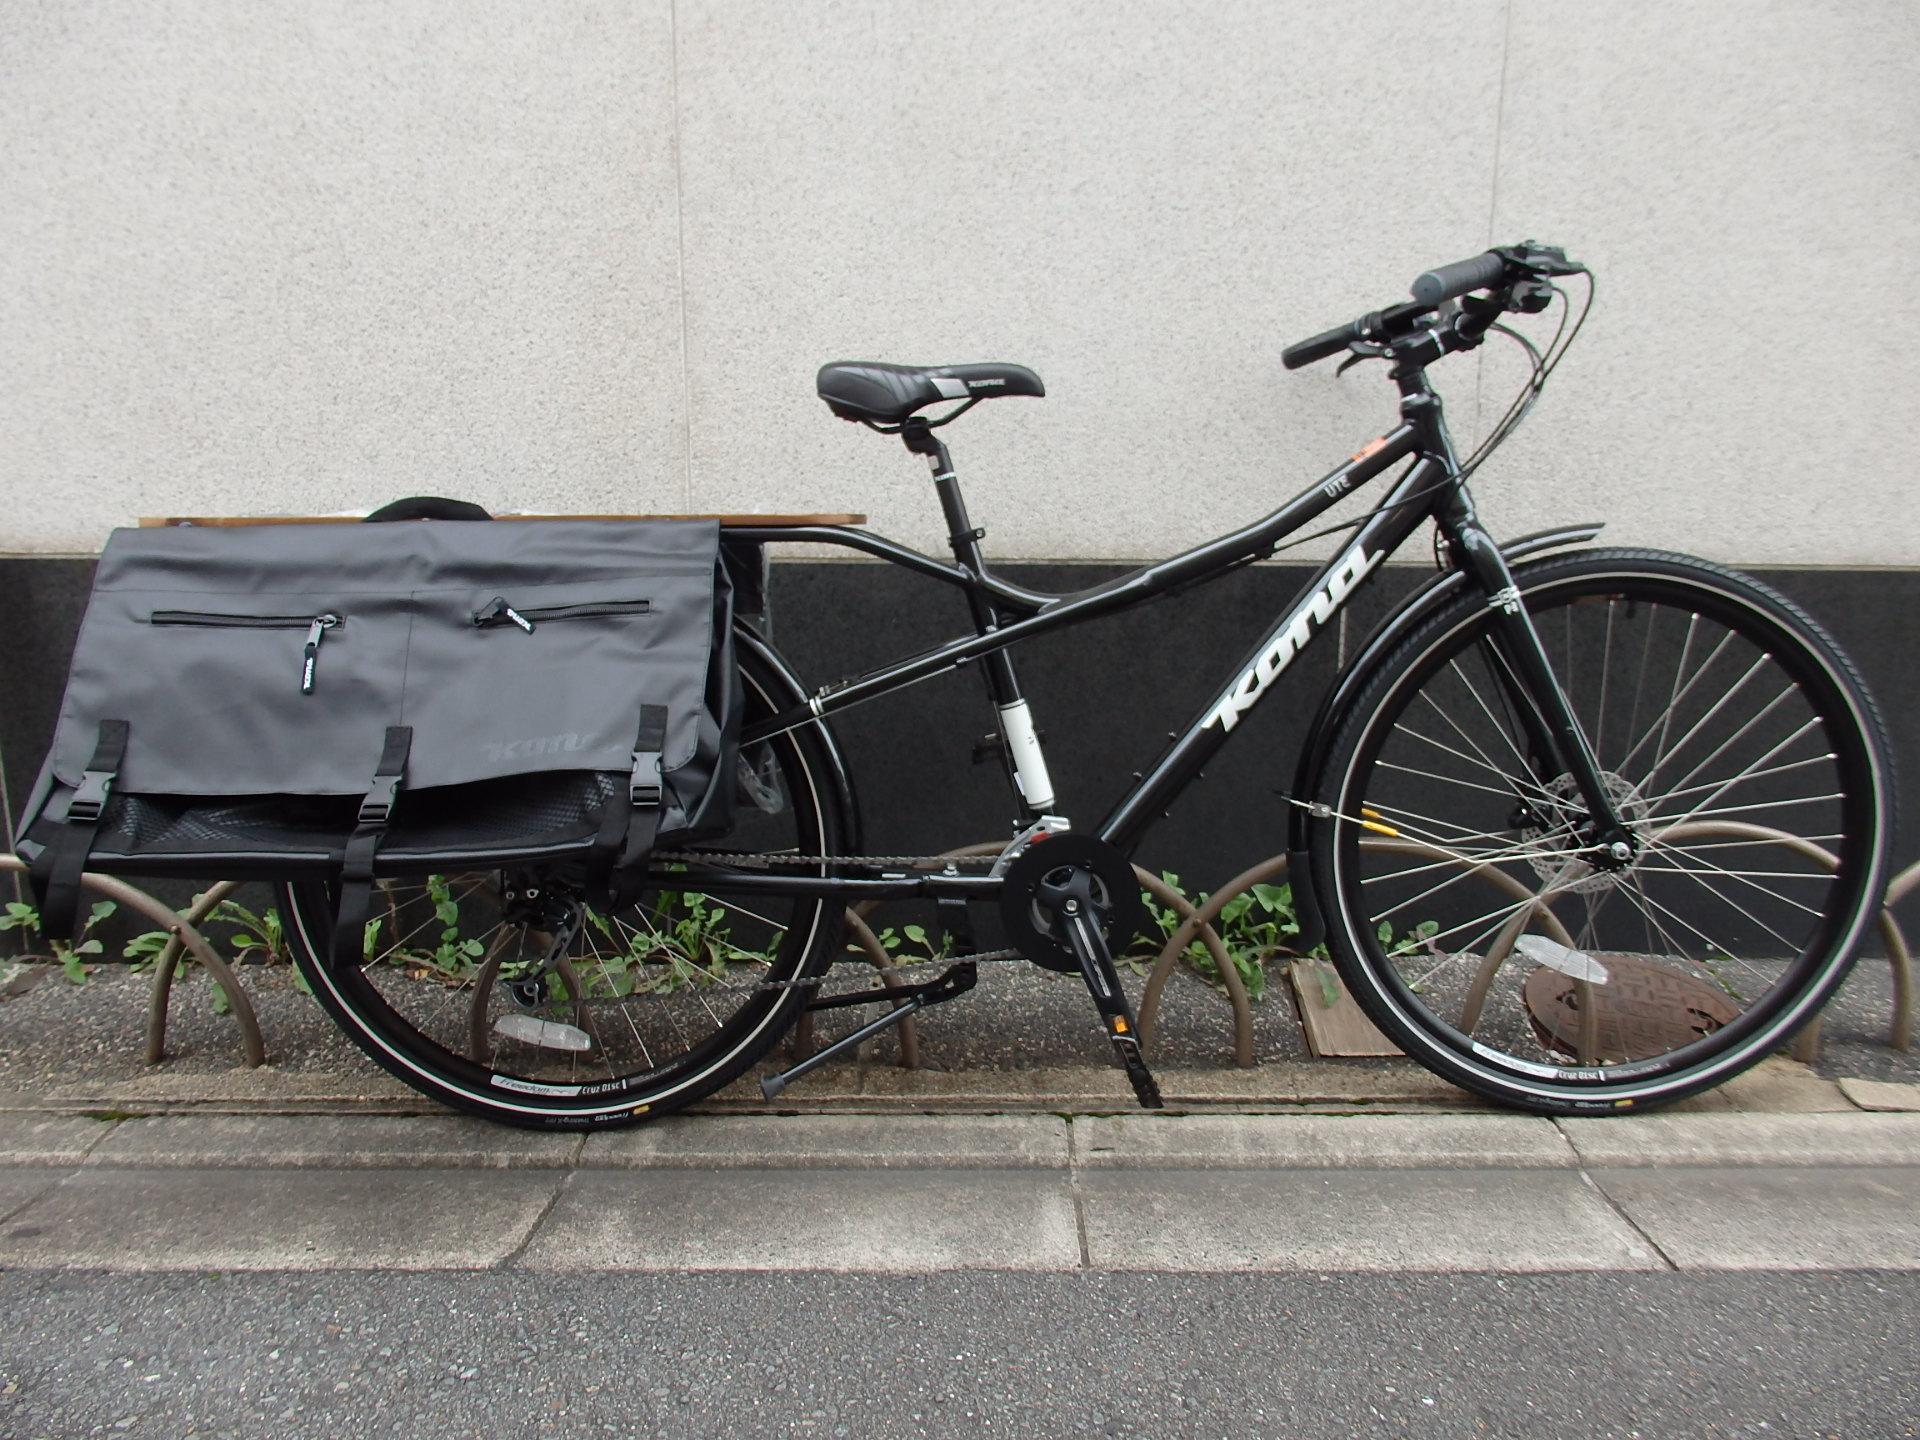 自転車の 自転車 販売店 大手 : ... 自転車・新車販売 サイクル